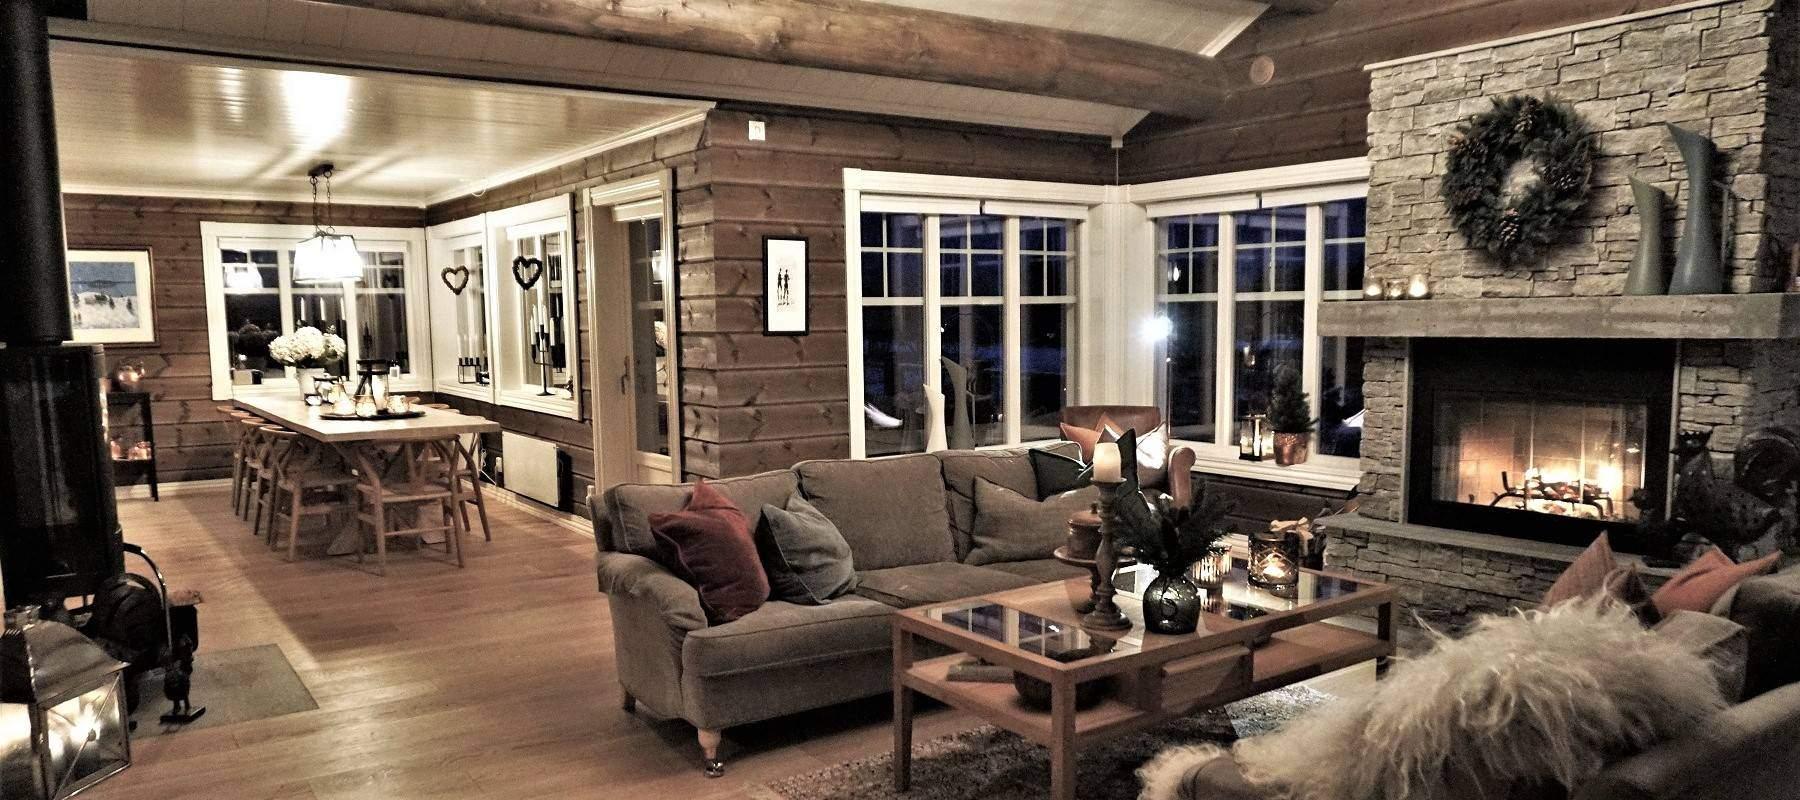 16 Hytteleverandor – Tiurtoppen Hytter Inspirasjon hytte pa Gålå